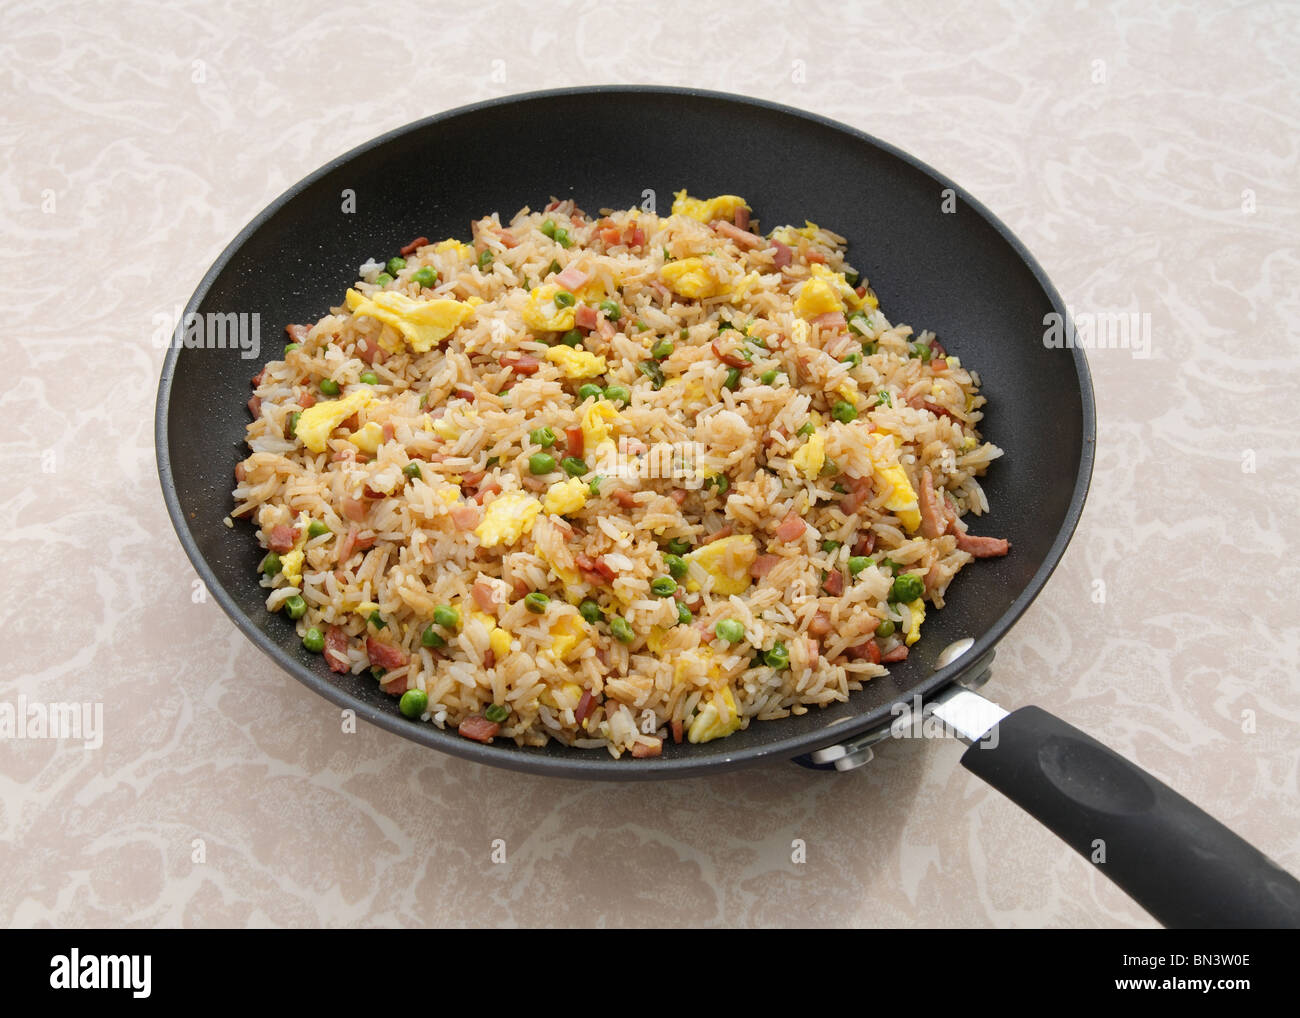 Poêle, casserole pleine de riz frit au jambon colorés Photo Stock